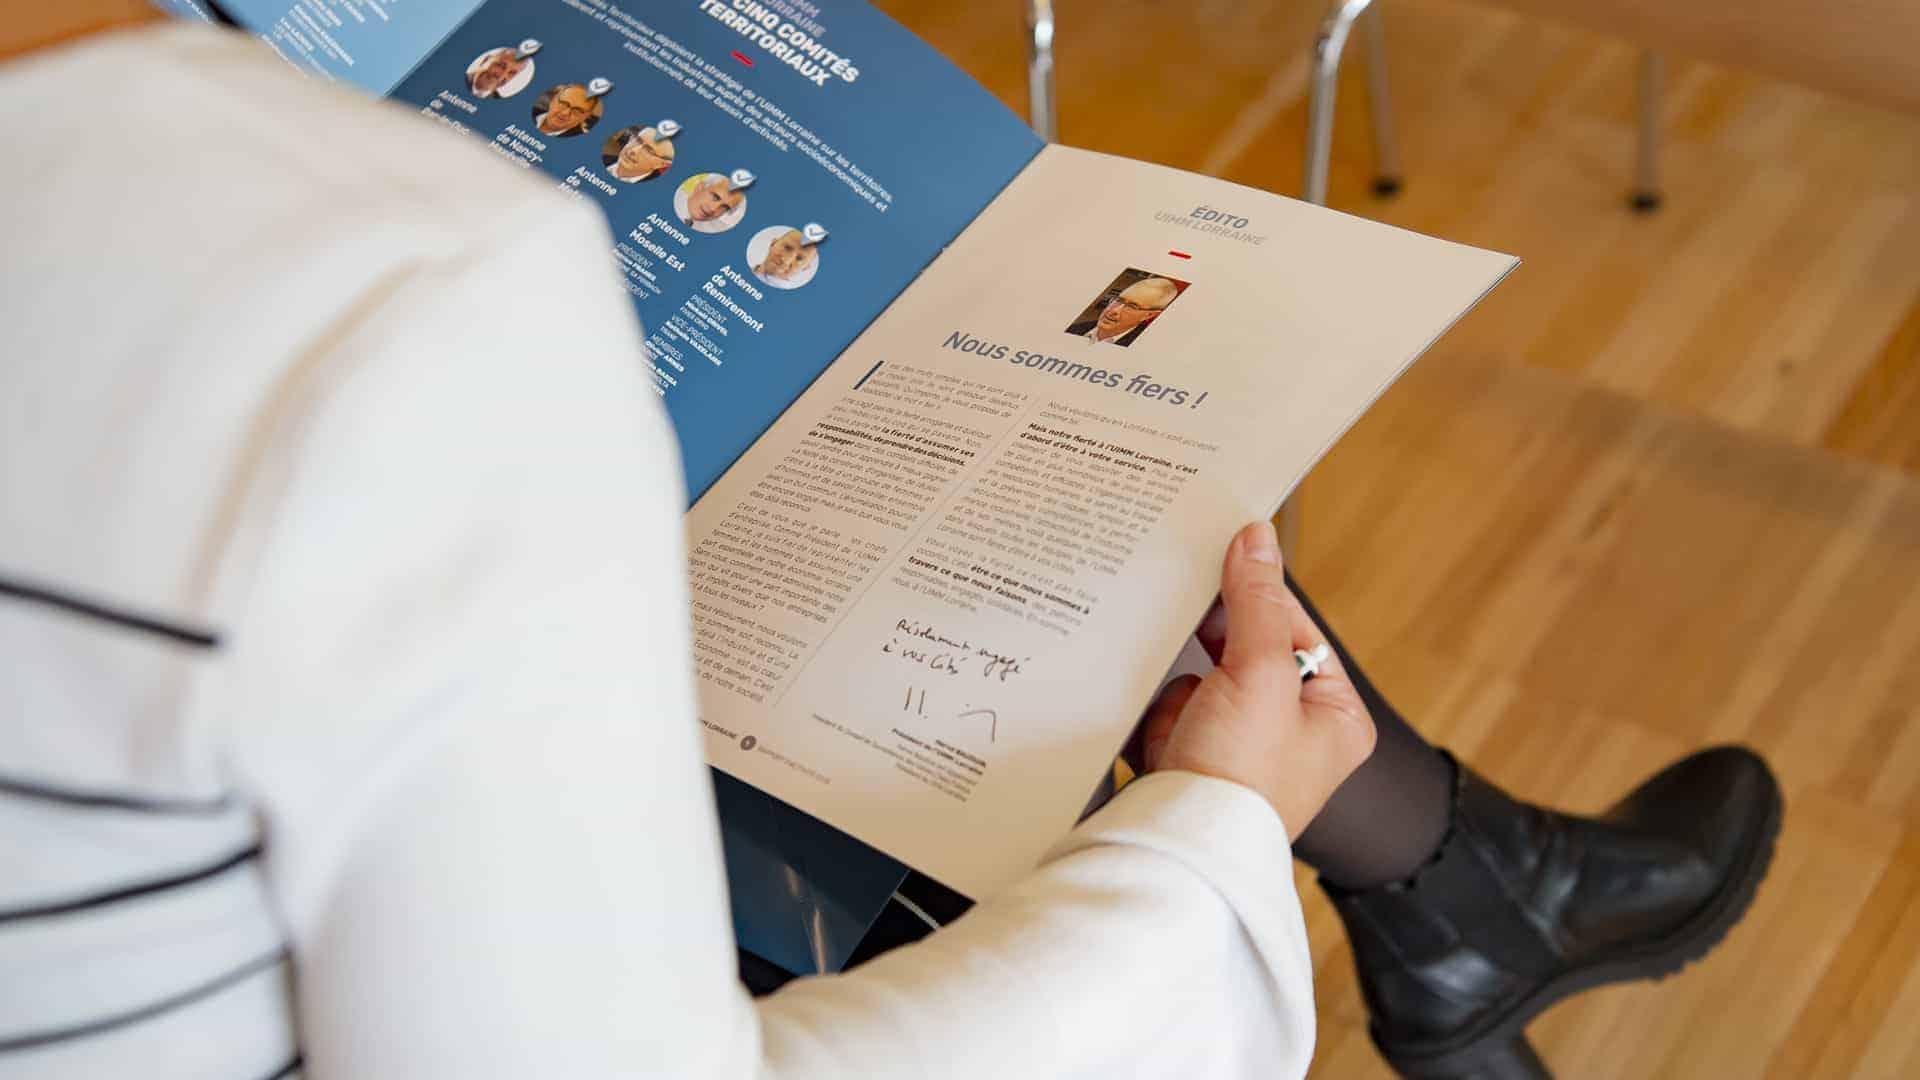 Gros plan sur une Brochure UIMM